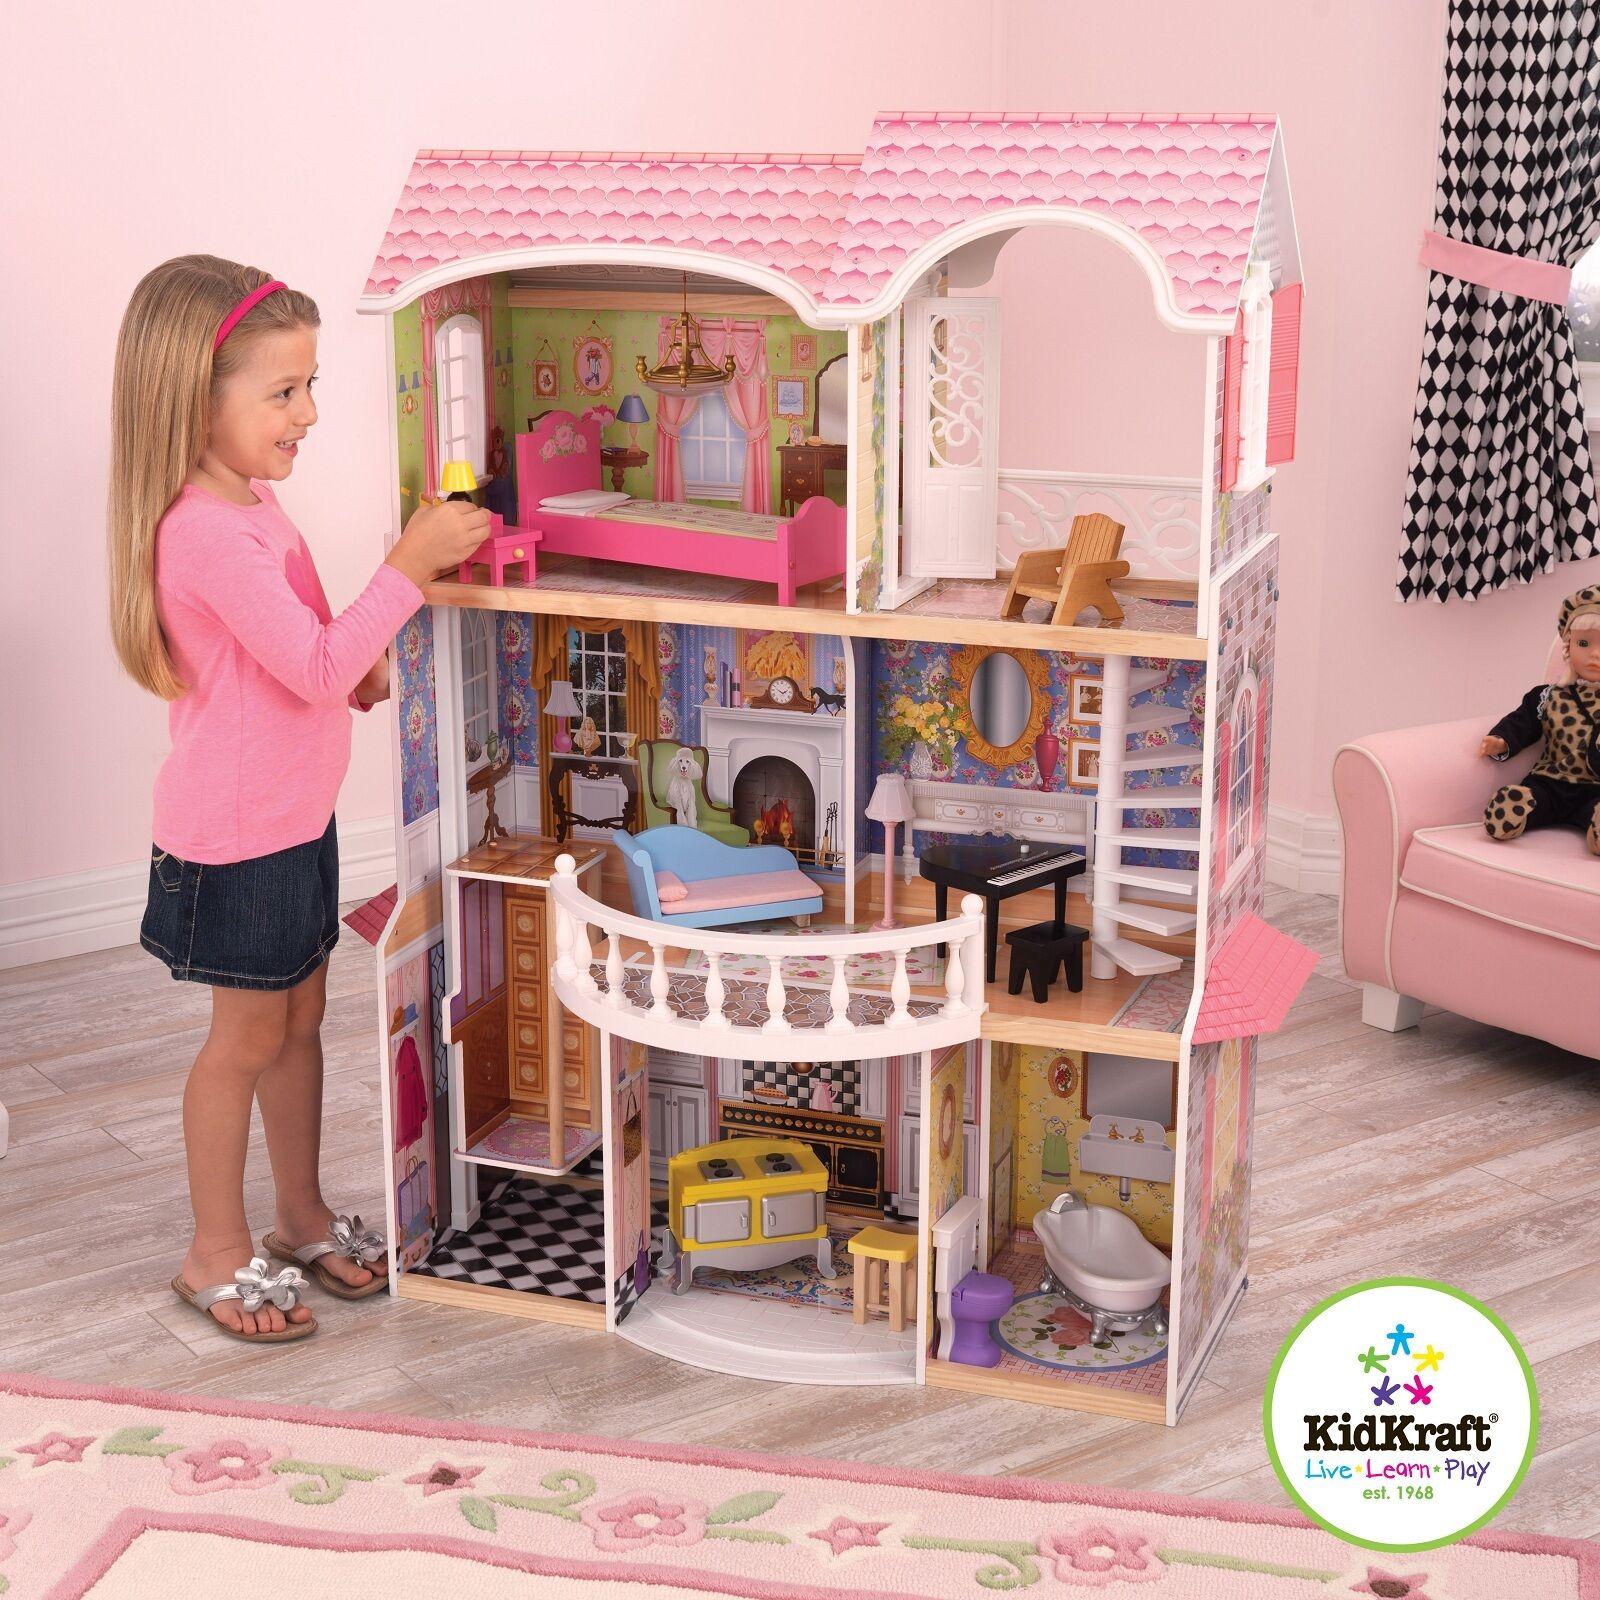 Kidkraft Magnolia Mansion, Casa de Muñecas de Madera con elevación se adapta a muñecas Barbie